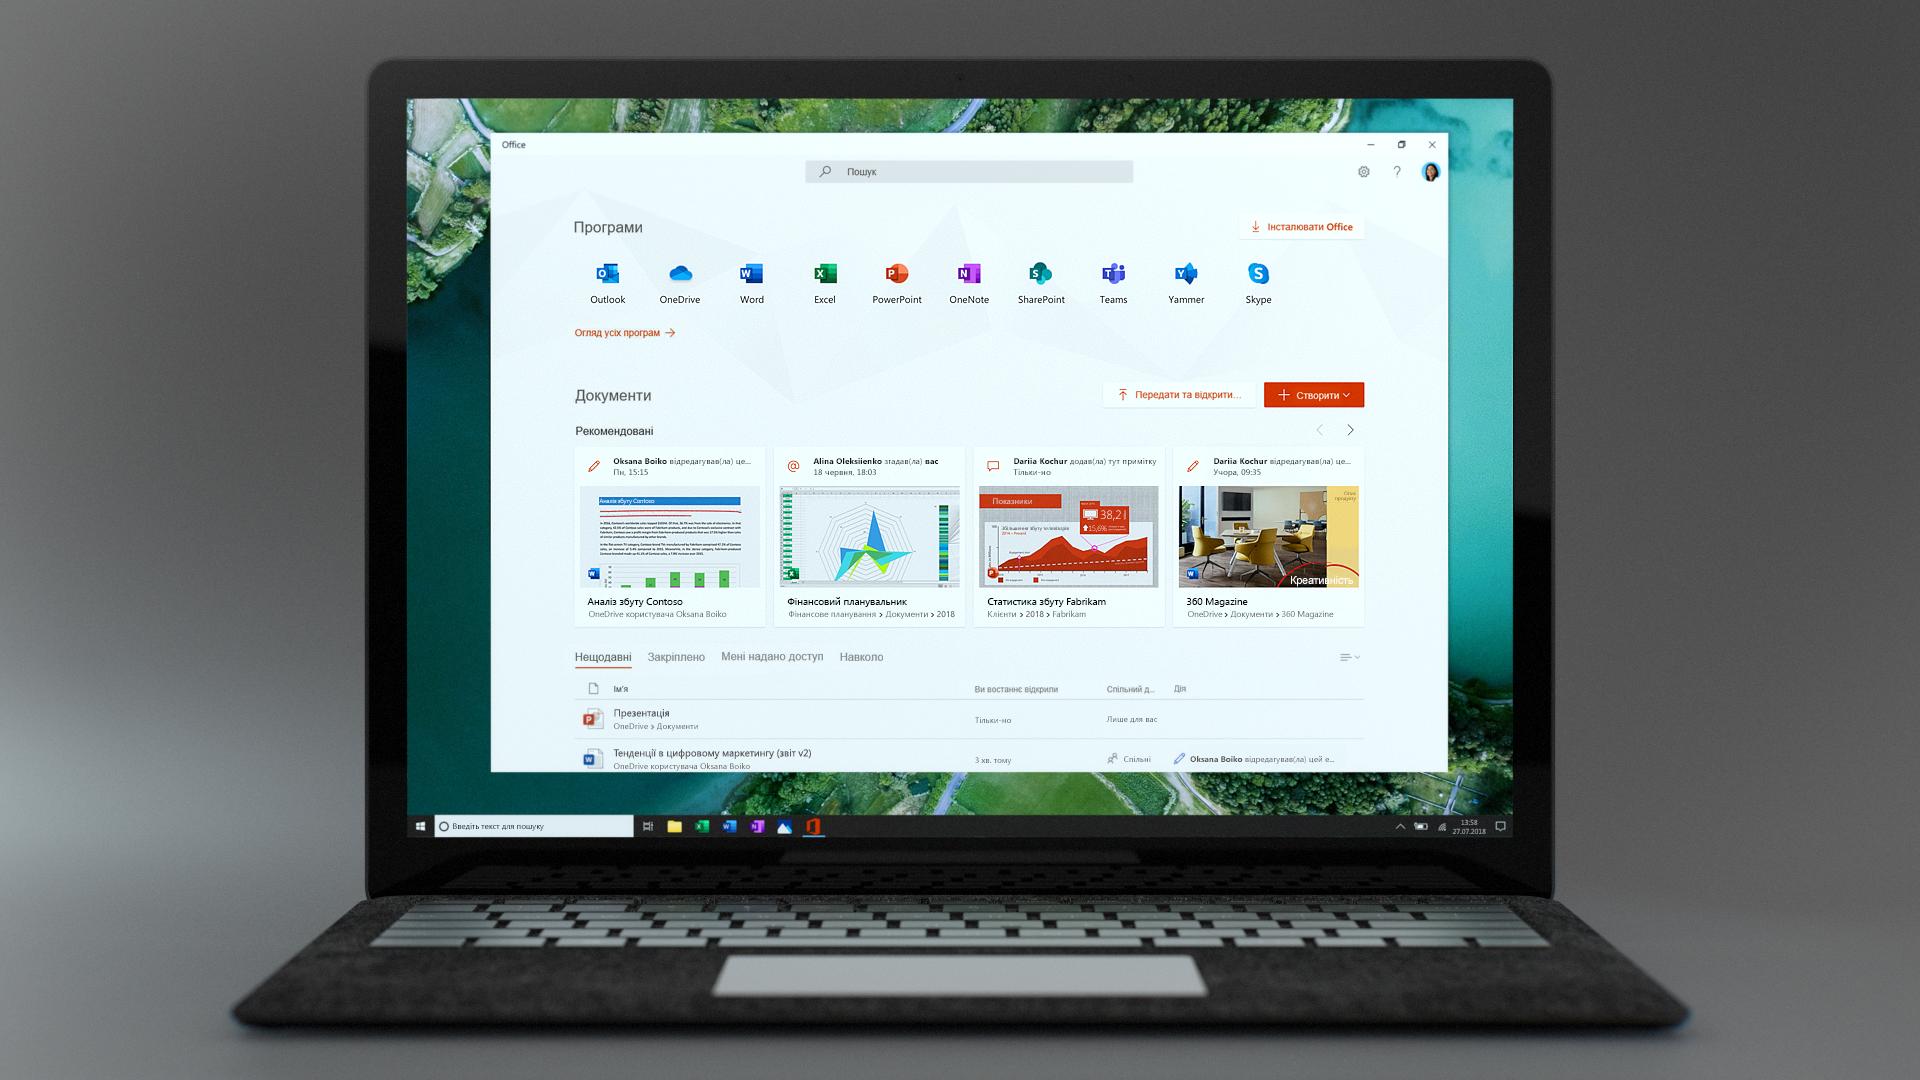 Зображення відкритого ноутбука з новою програмою Offiсe